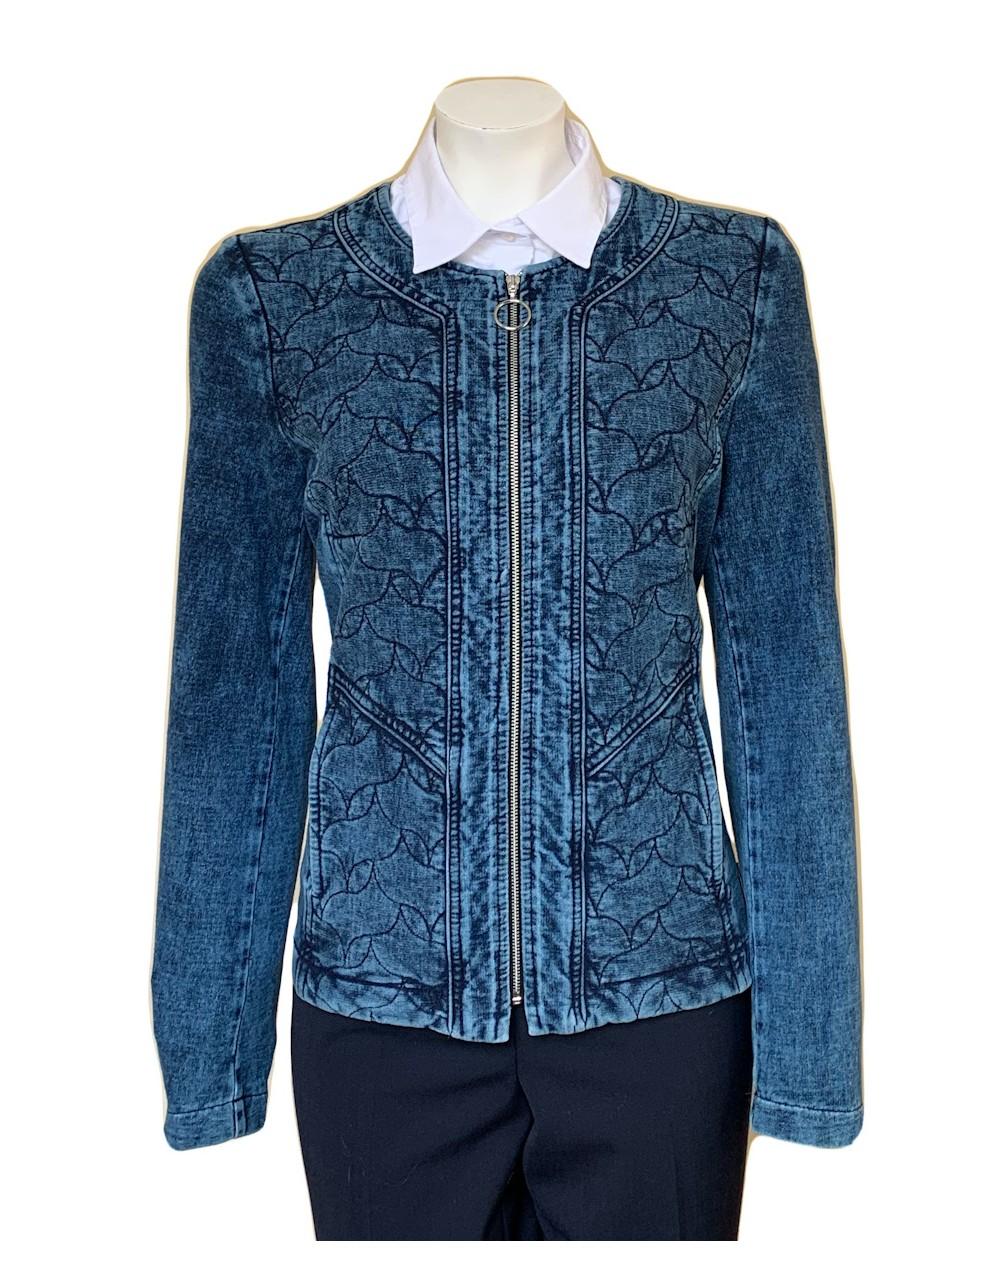 Quilted Floral Pattern Denim Jacket| Our Denim Outwear|Irish Handcrafts 1